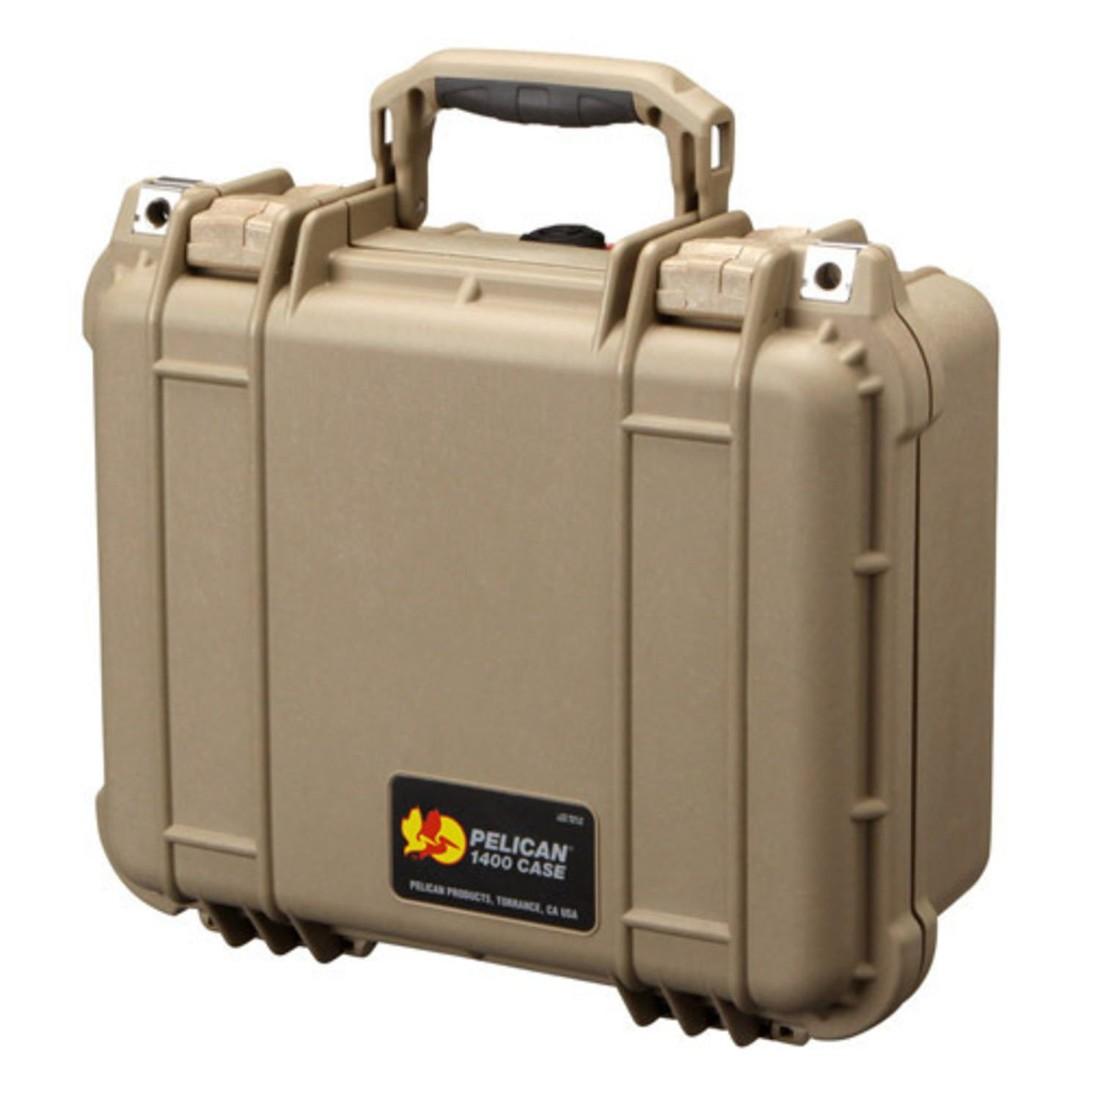 ペリカン 1400フォーム 防水ケース フォーム付  自社在庫品